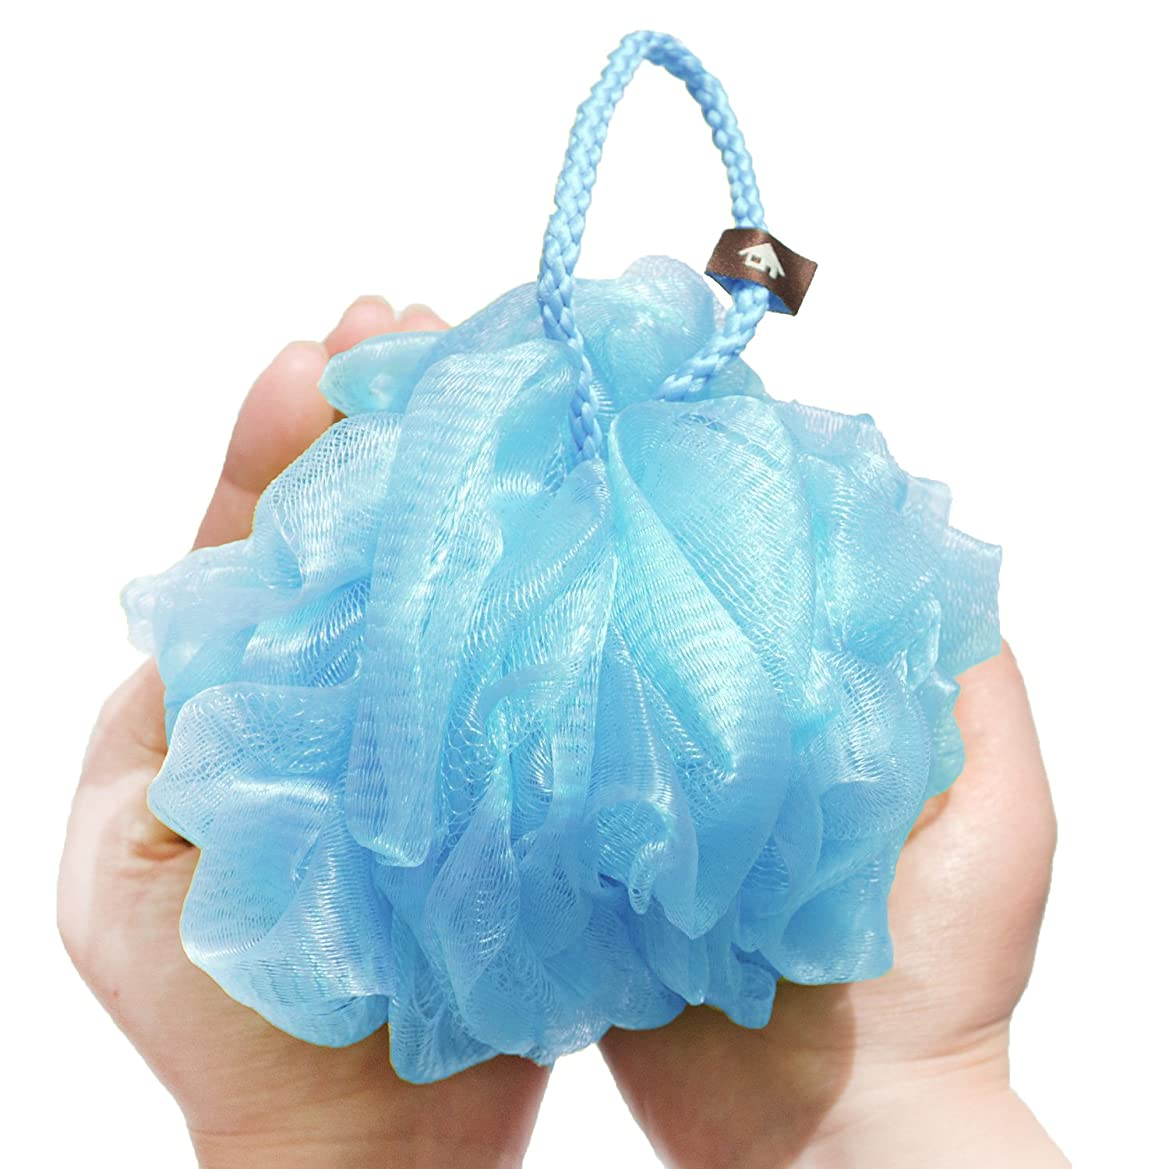 純粋にフェミニン市の花オカ 泡立てネット ライトブルー Lサイズ PLYS(プリス)シルキーウォッシュ